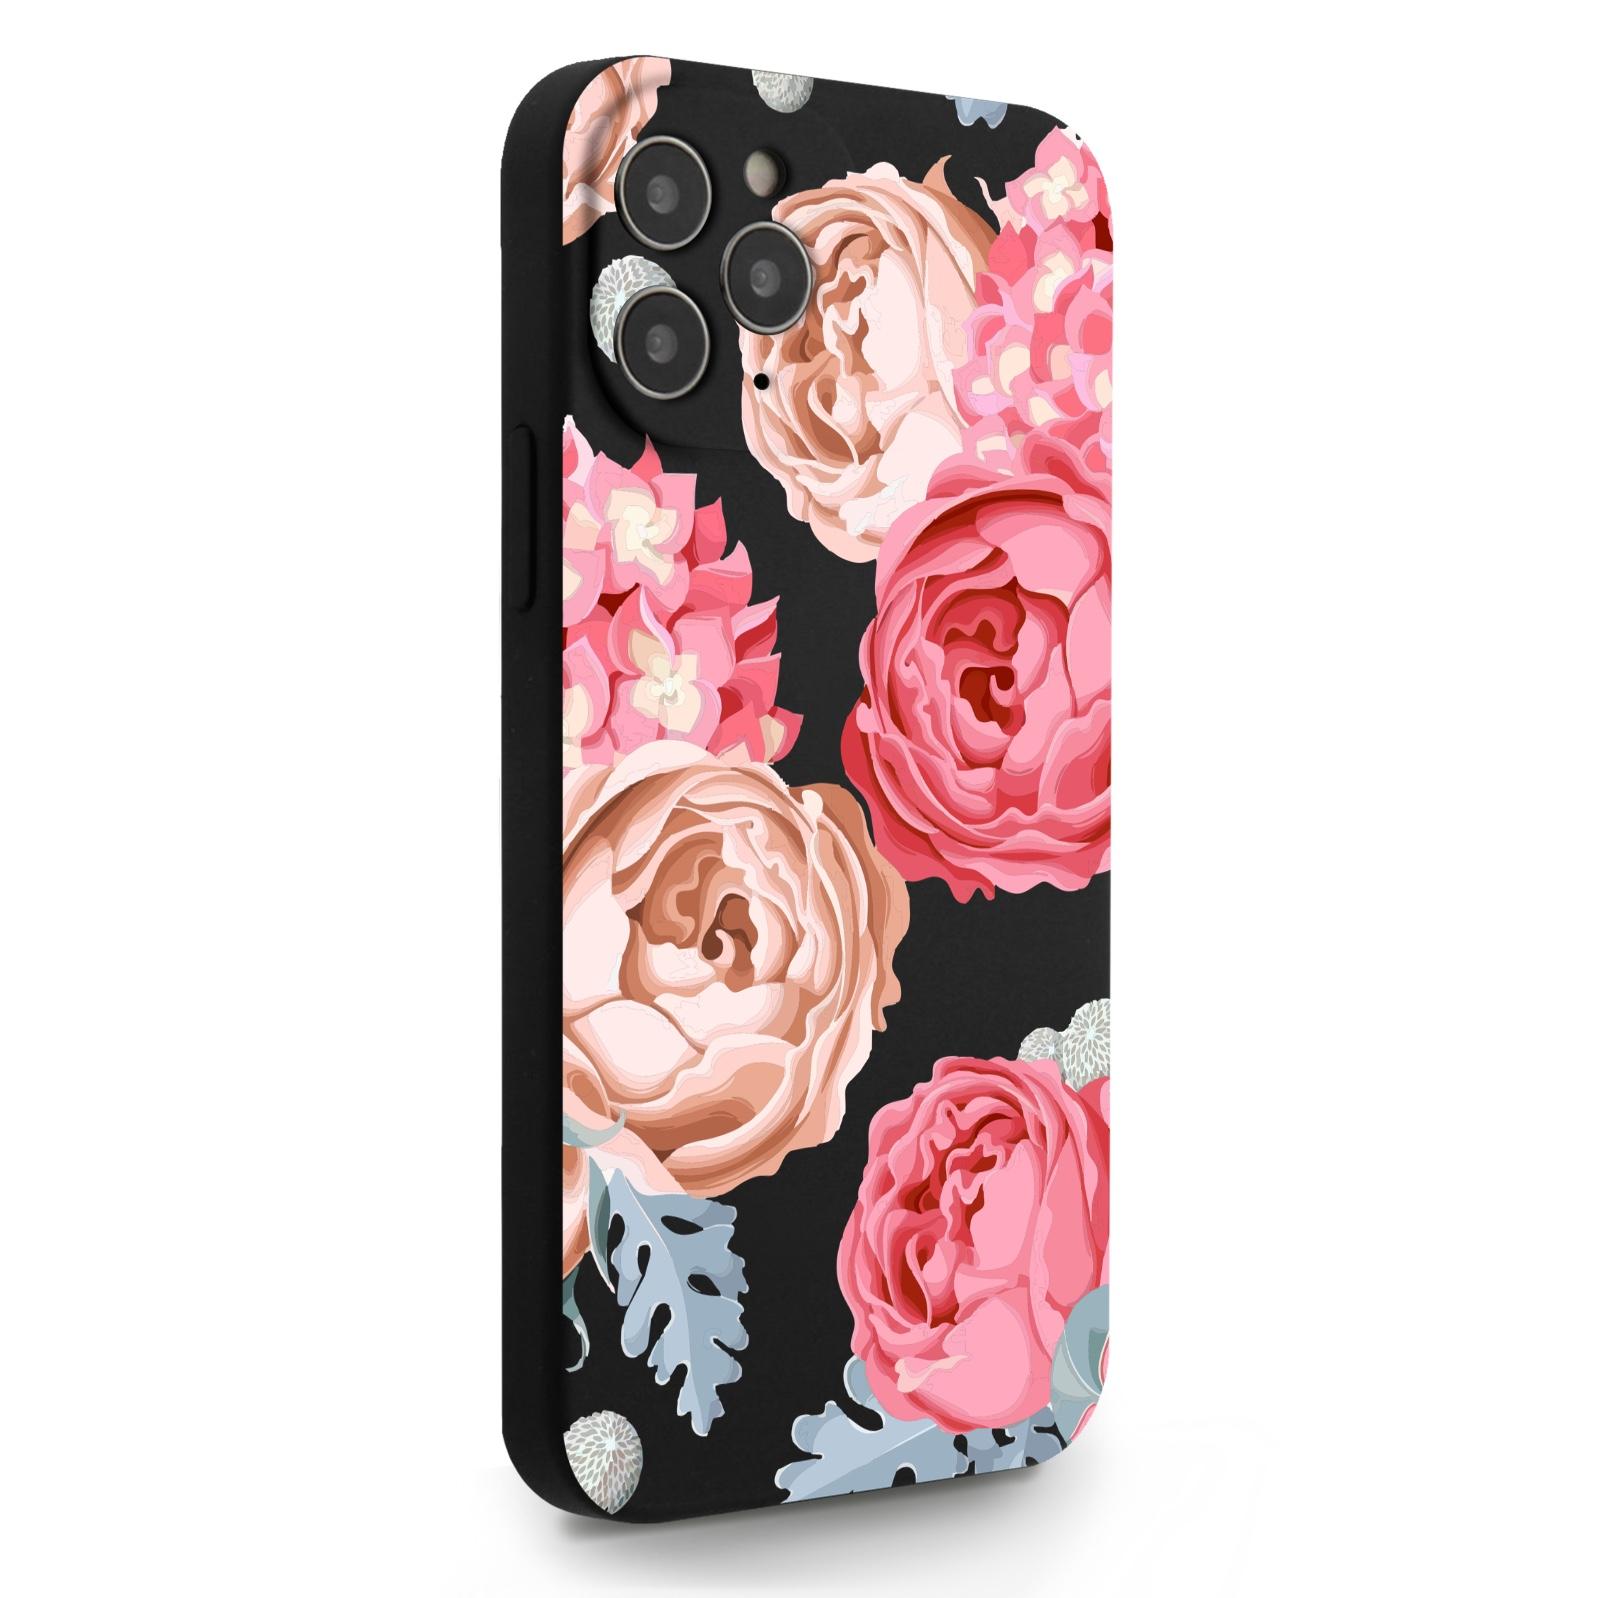 Черный силиконовый чехол для iPhone 12/12 Pro Пионы для Айфон 12/12 Про